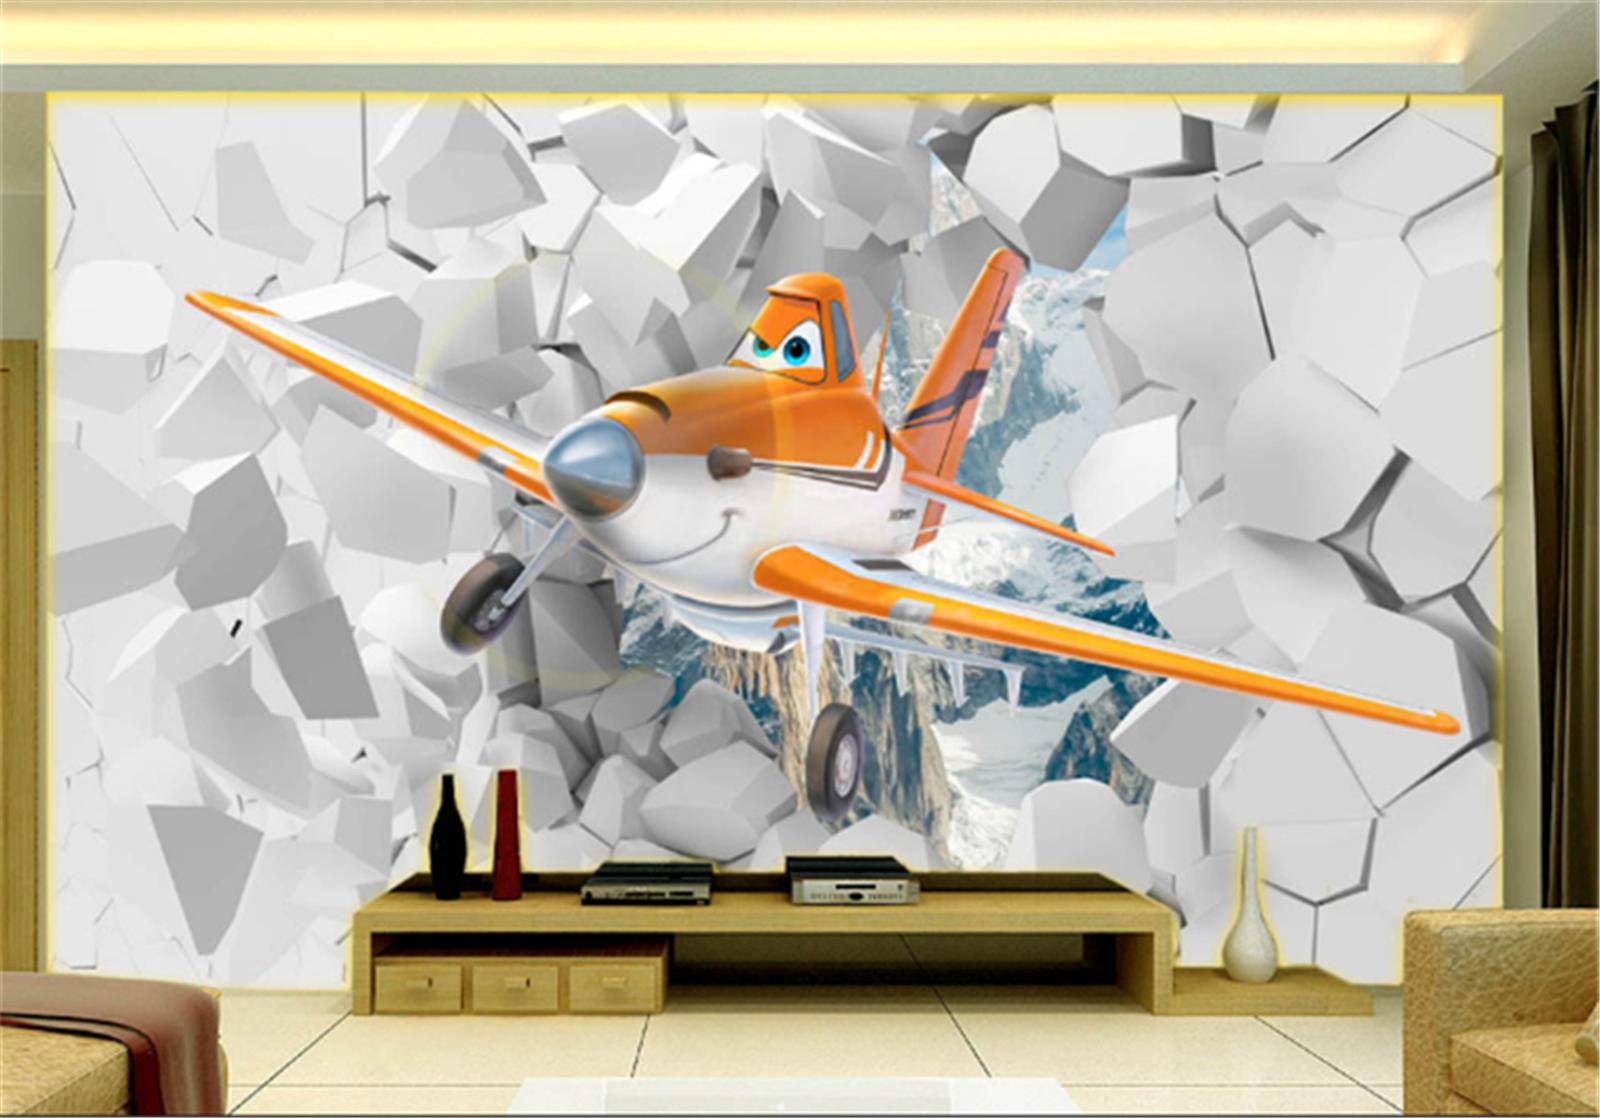 3D Karikatur Flugzeuge 688 Tapete Wandgemälde Tapeten Bild Familie DE Summer | Starker Wert  | Überlegene Qualität  | Guter weltweiter Ruf